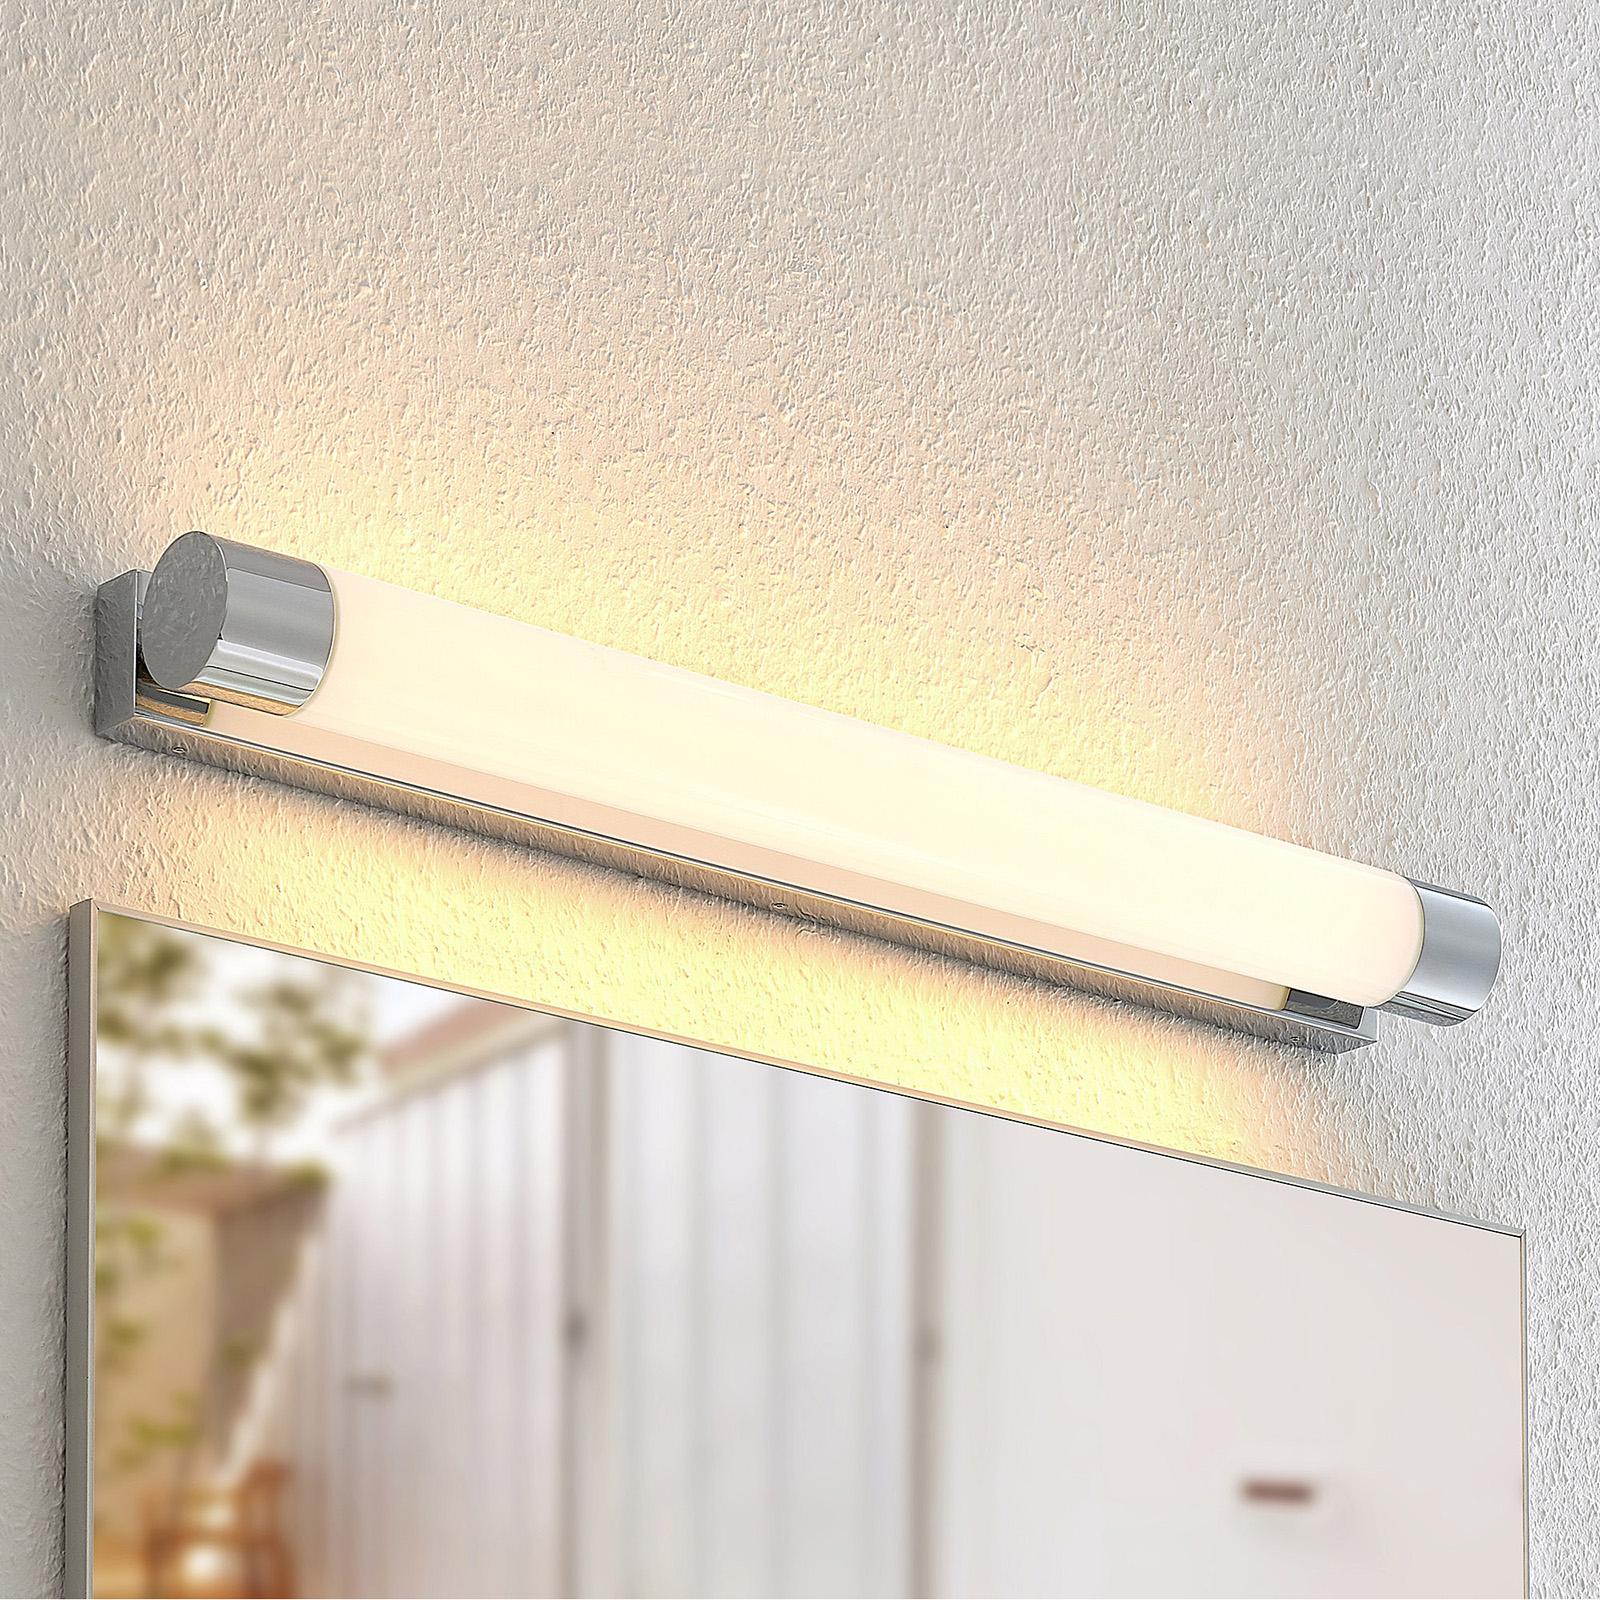 Lindby Hamina LED-speillampe til bad, 69 cm